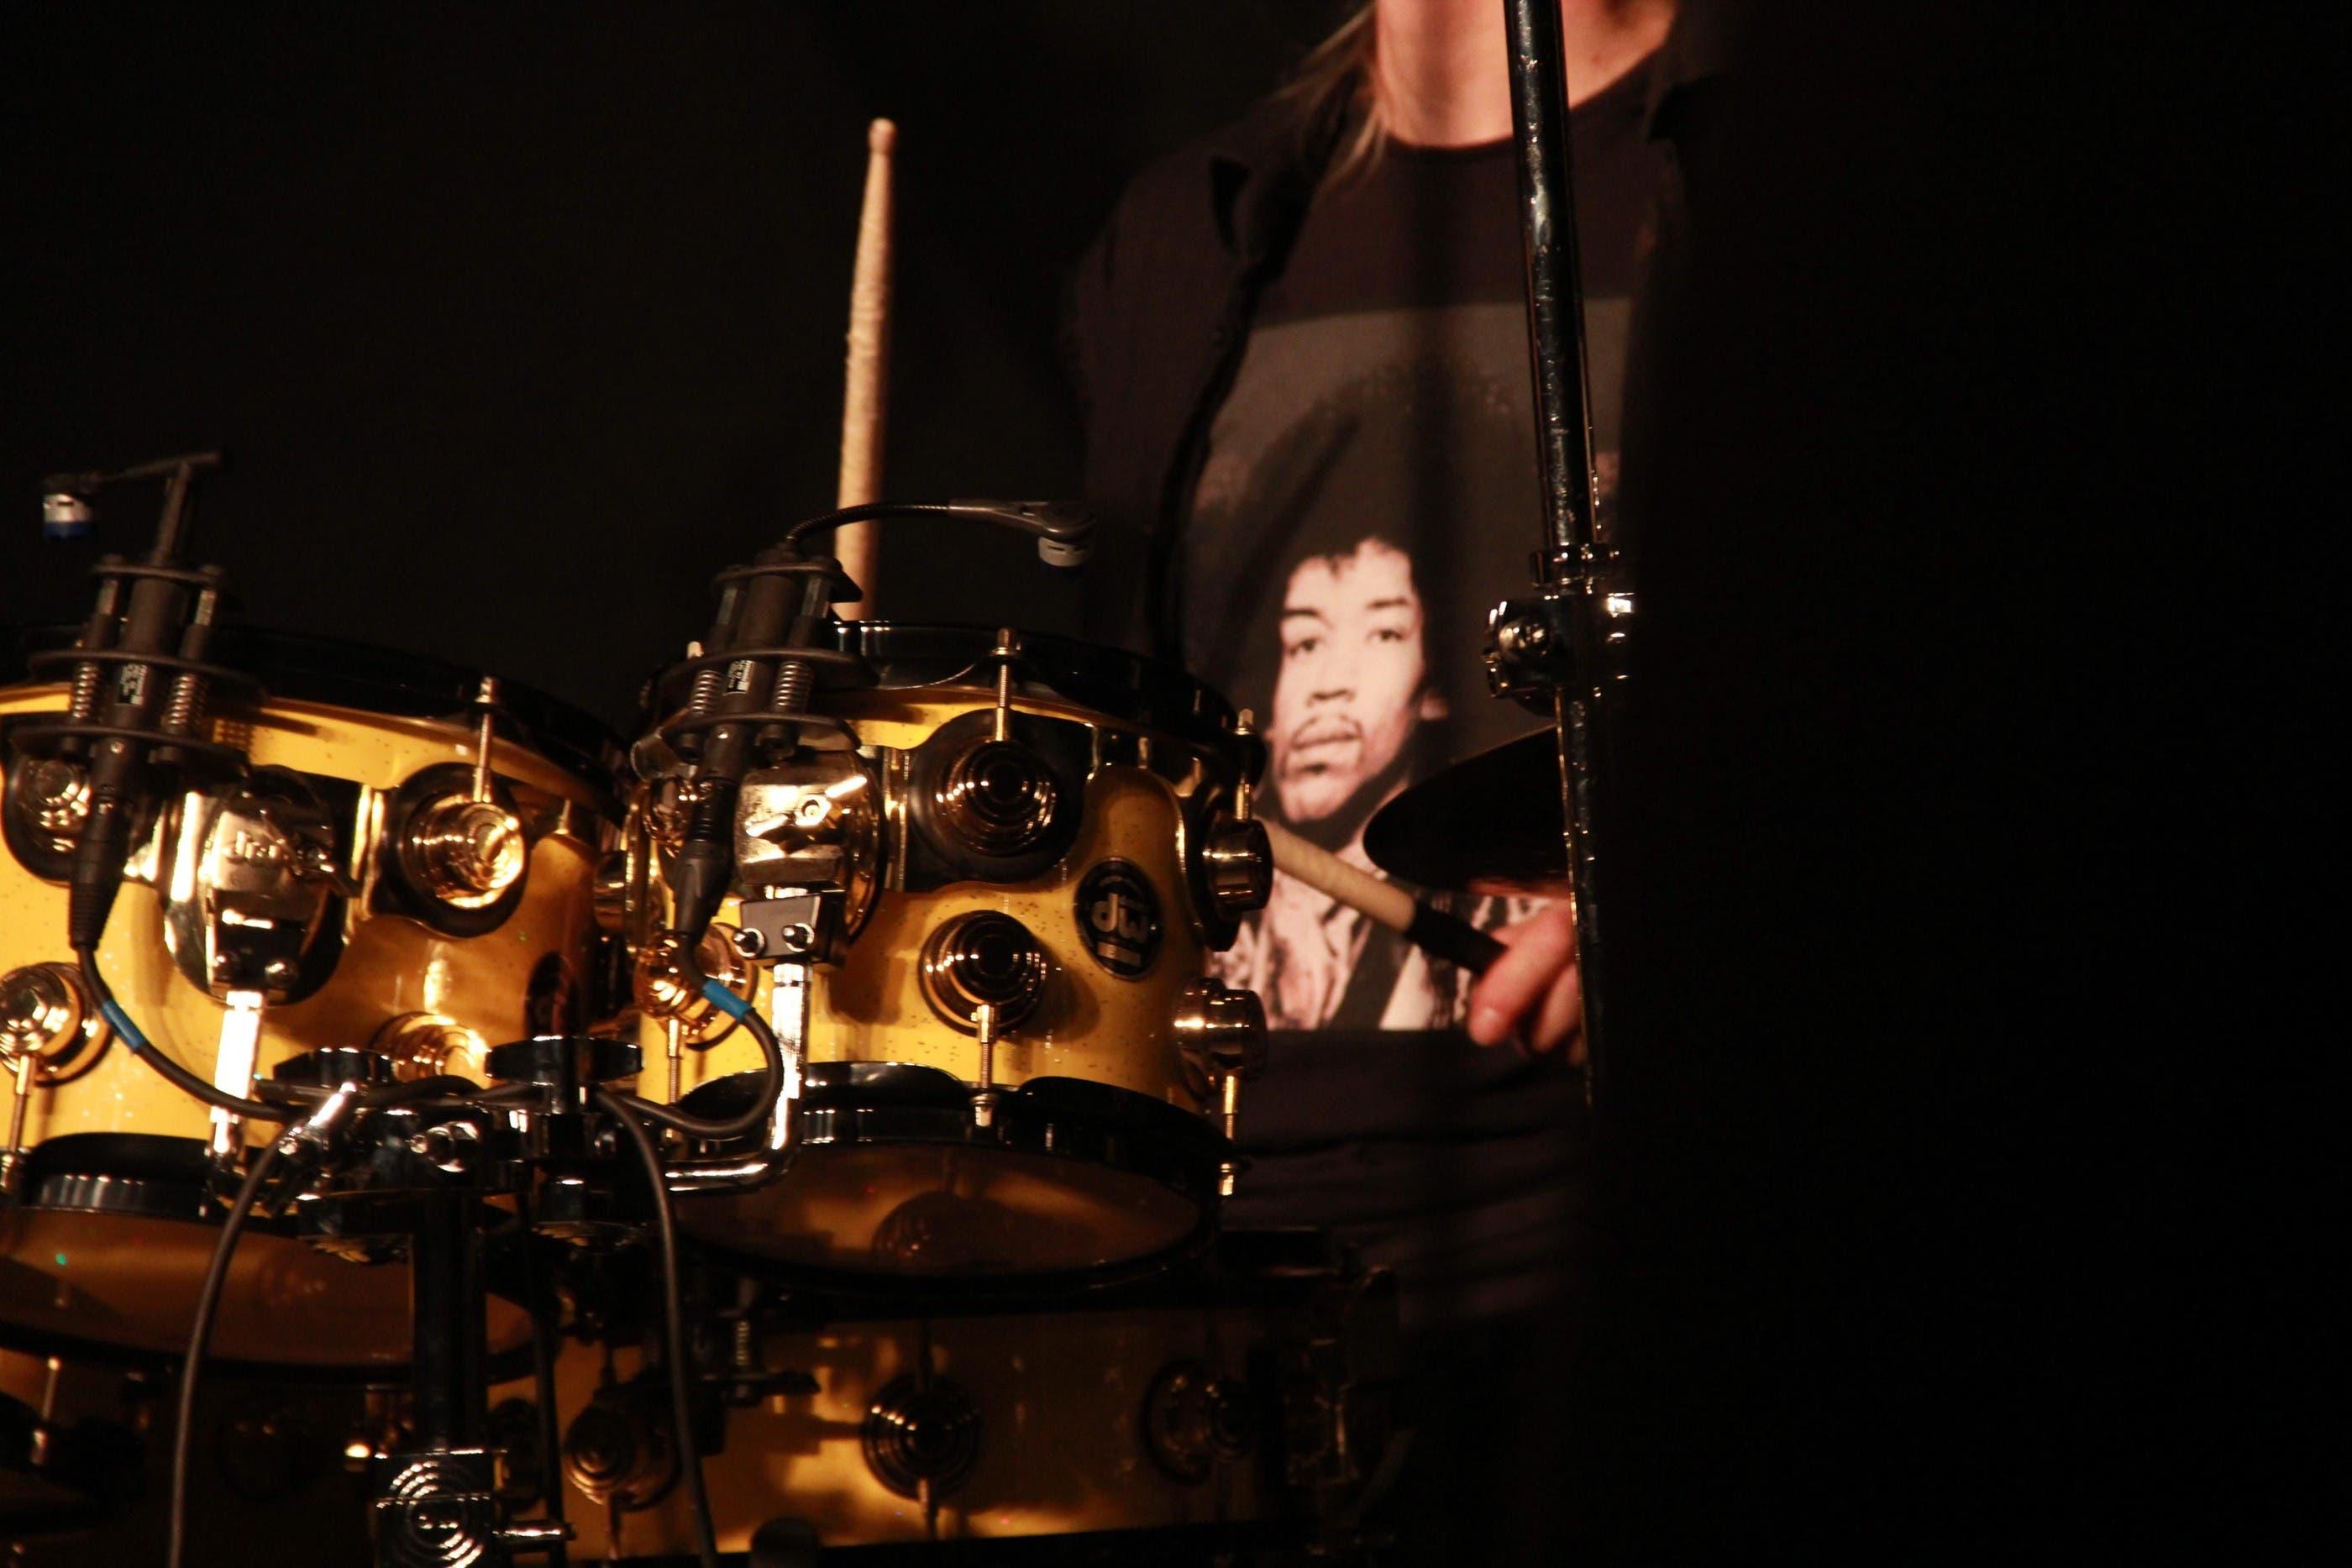 Jimi ist allgegenwärtig, auch auf dem T-Shirt des Drummers